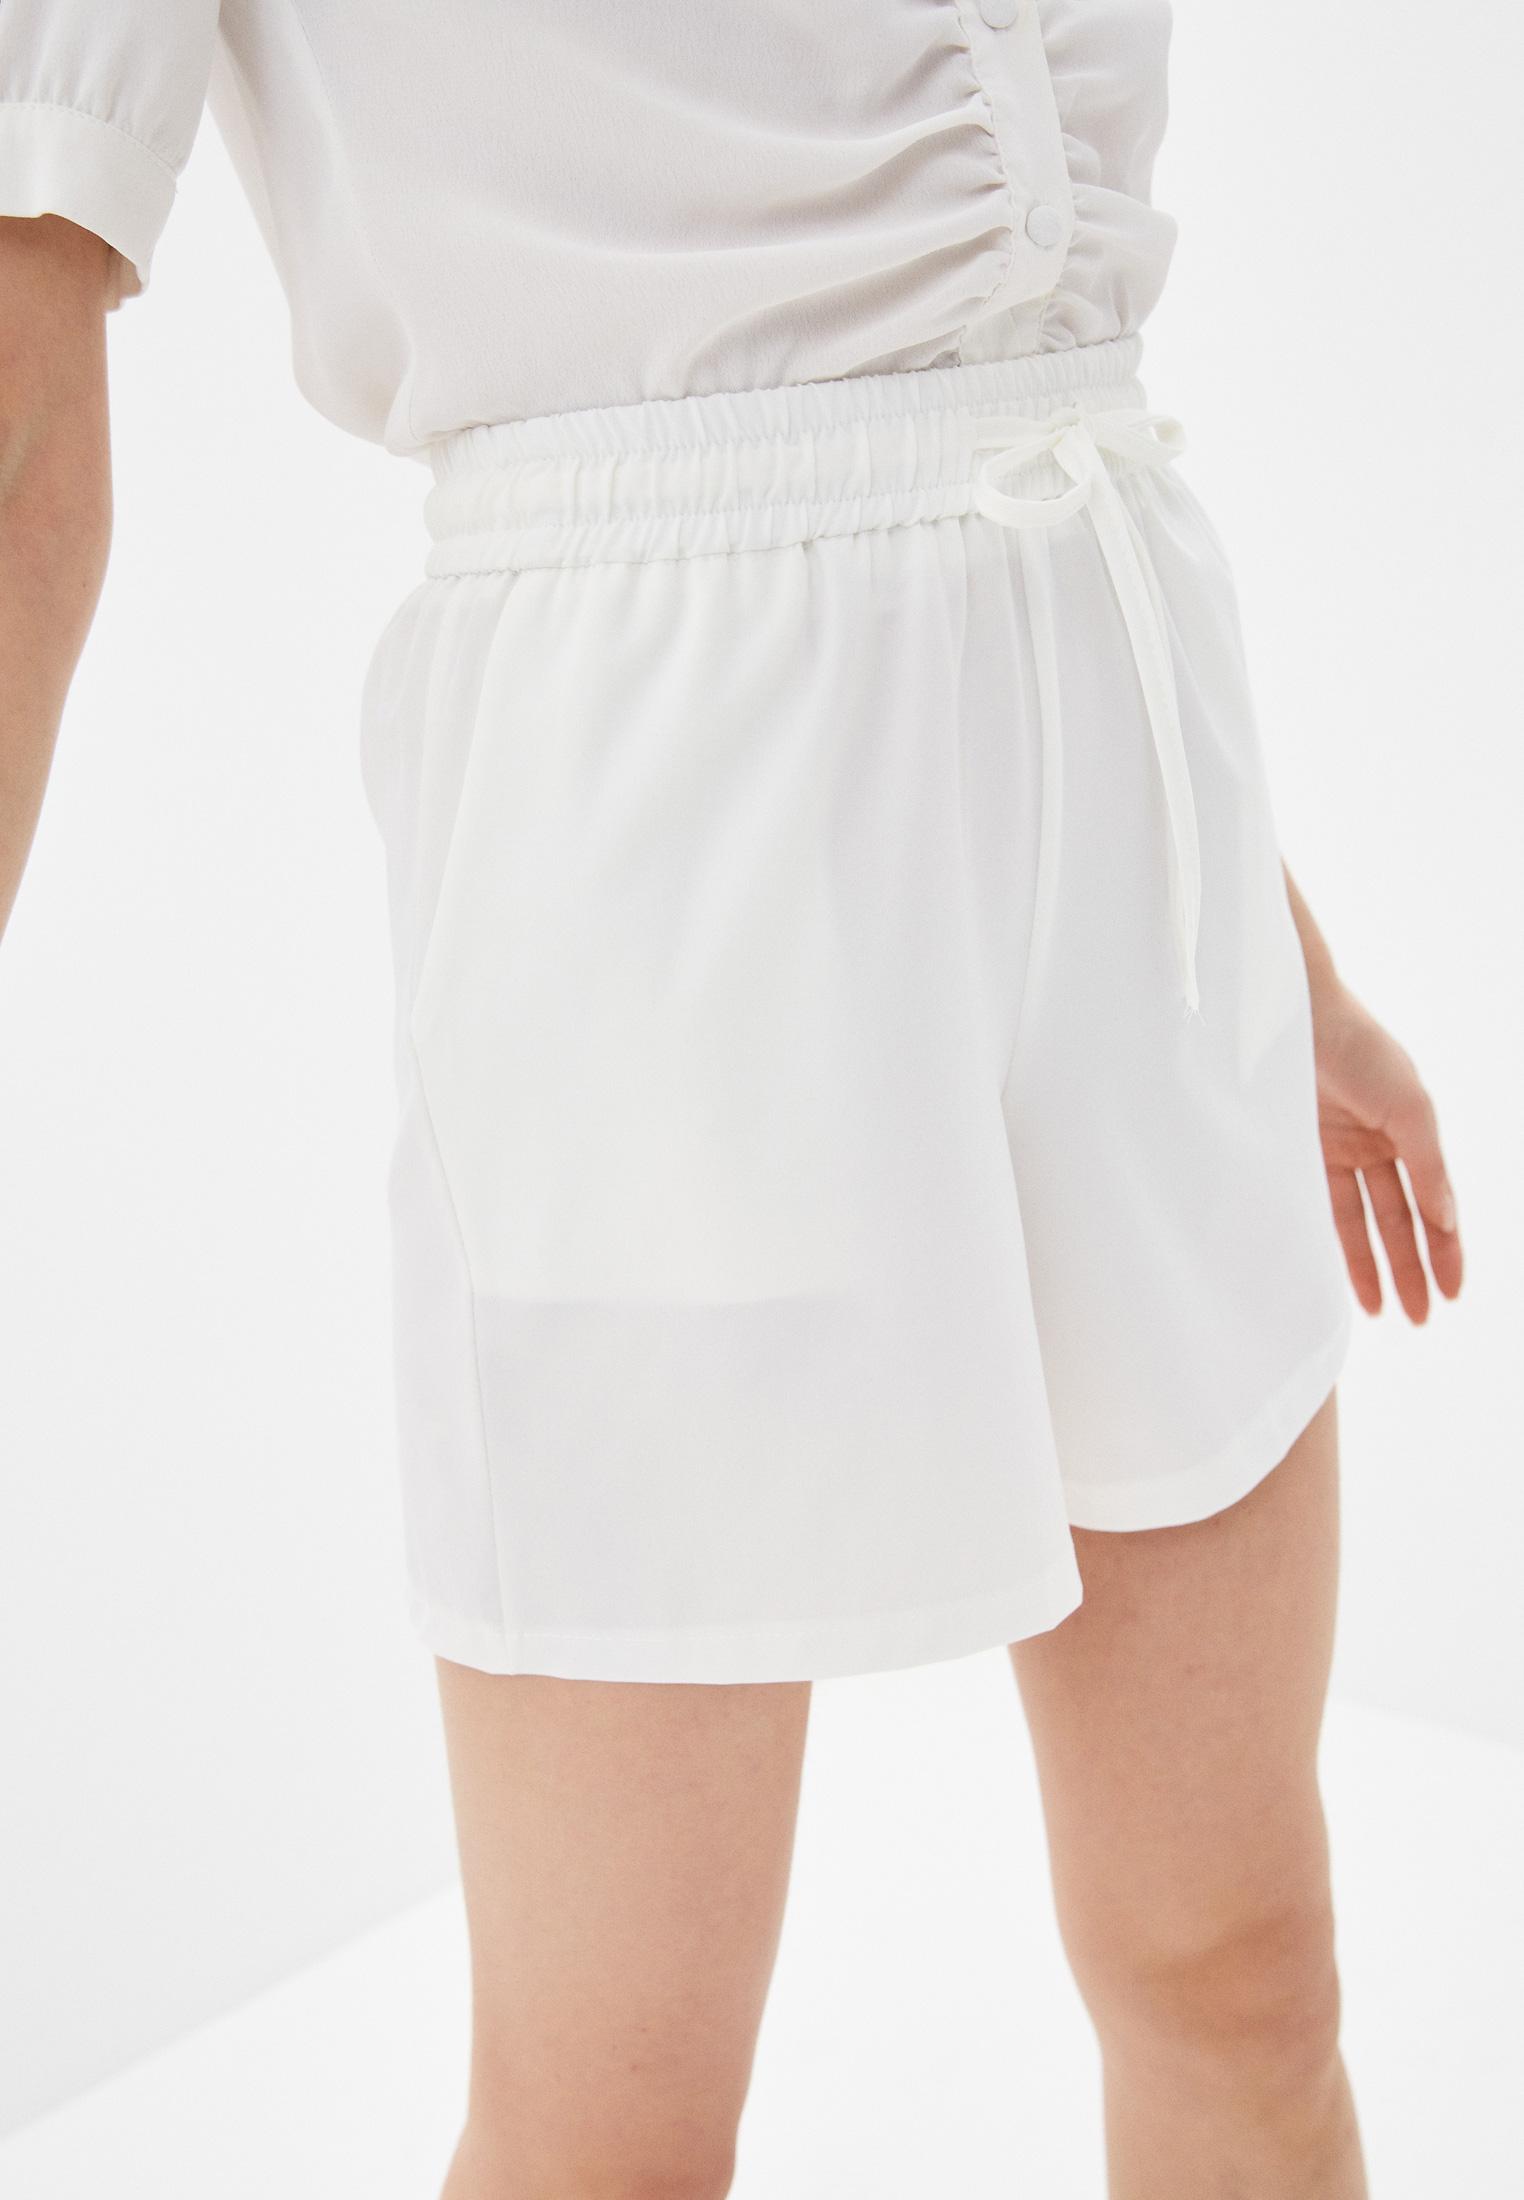 Женские повседневные шорты Miss Gabby Шорты Miss Gabby